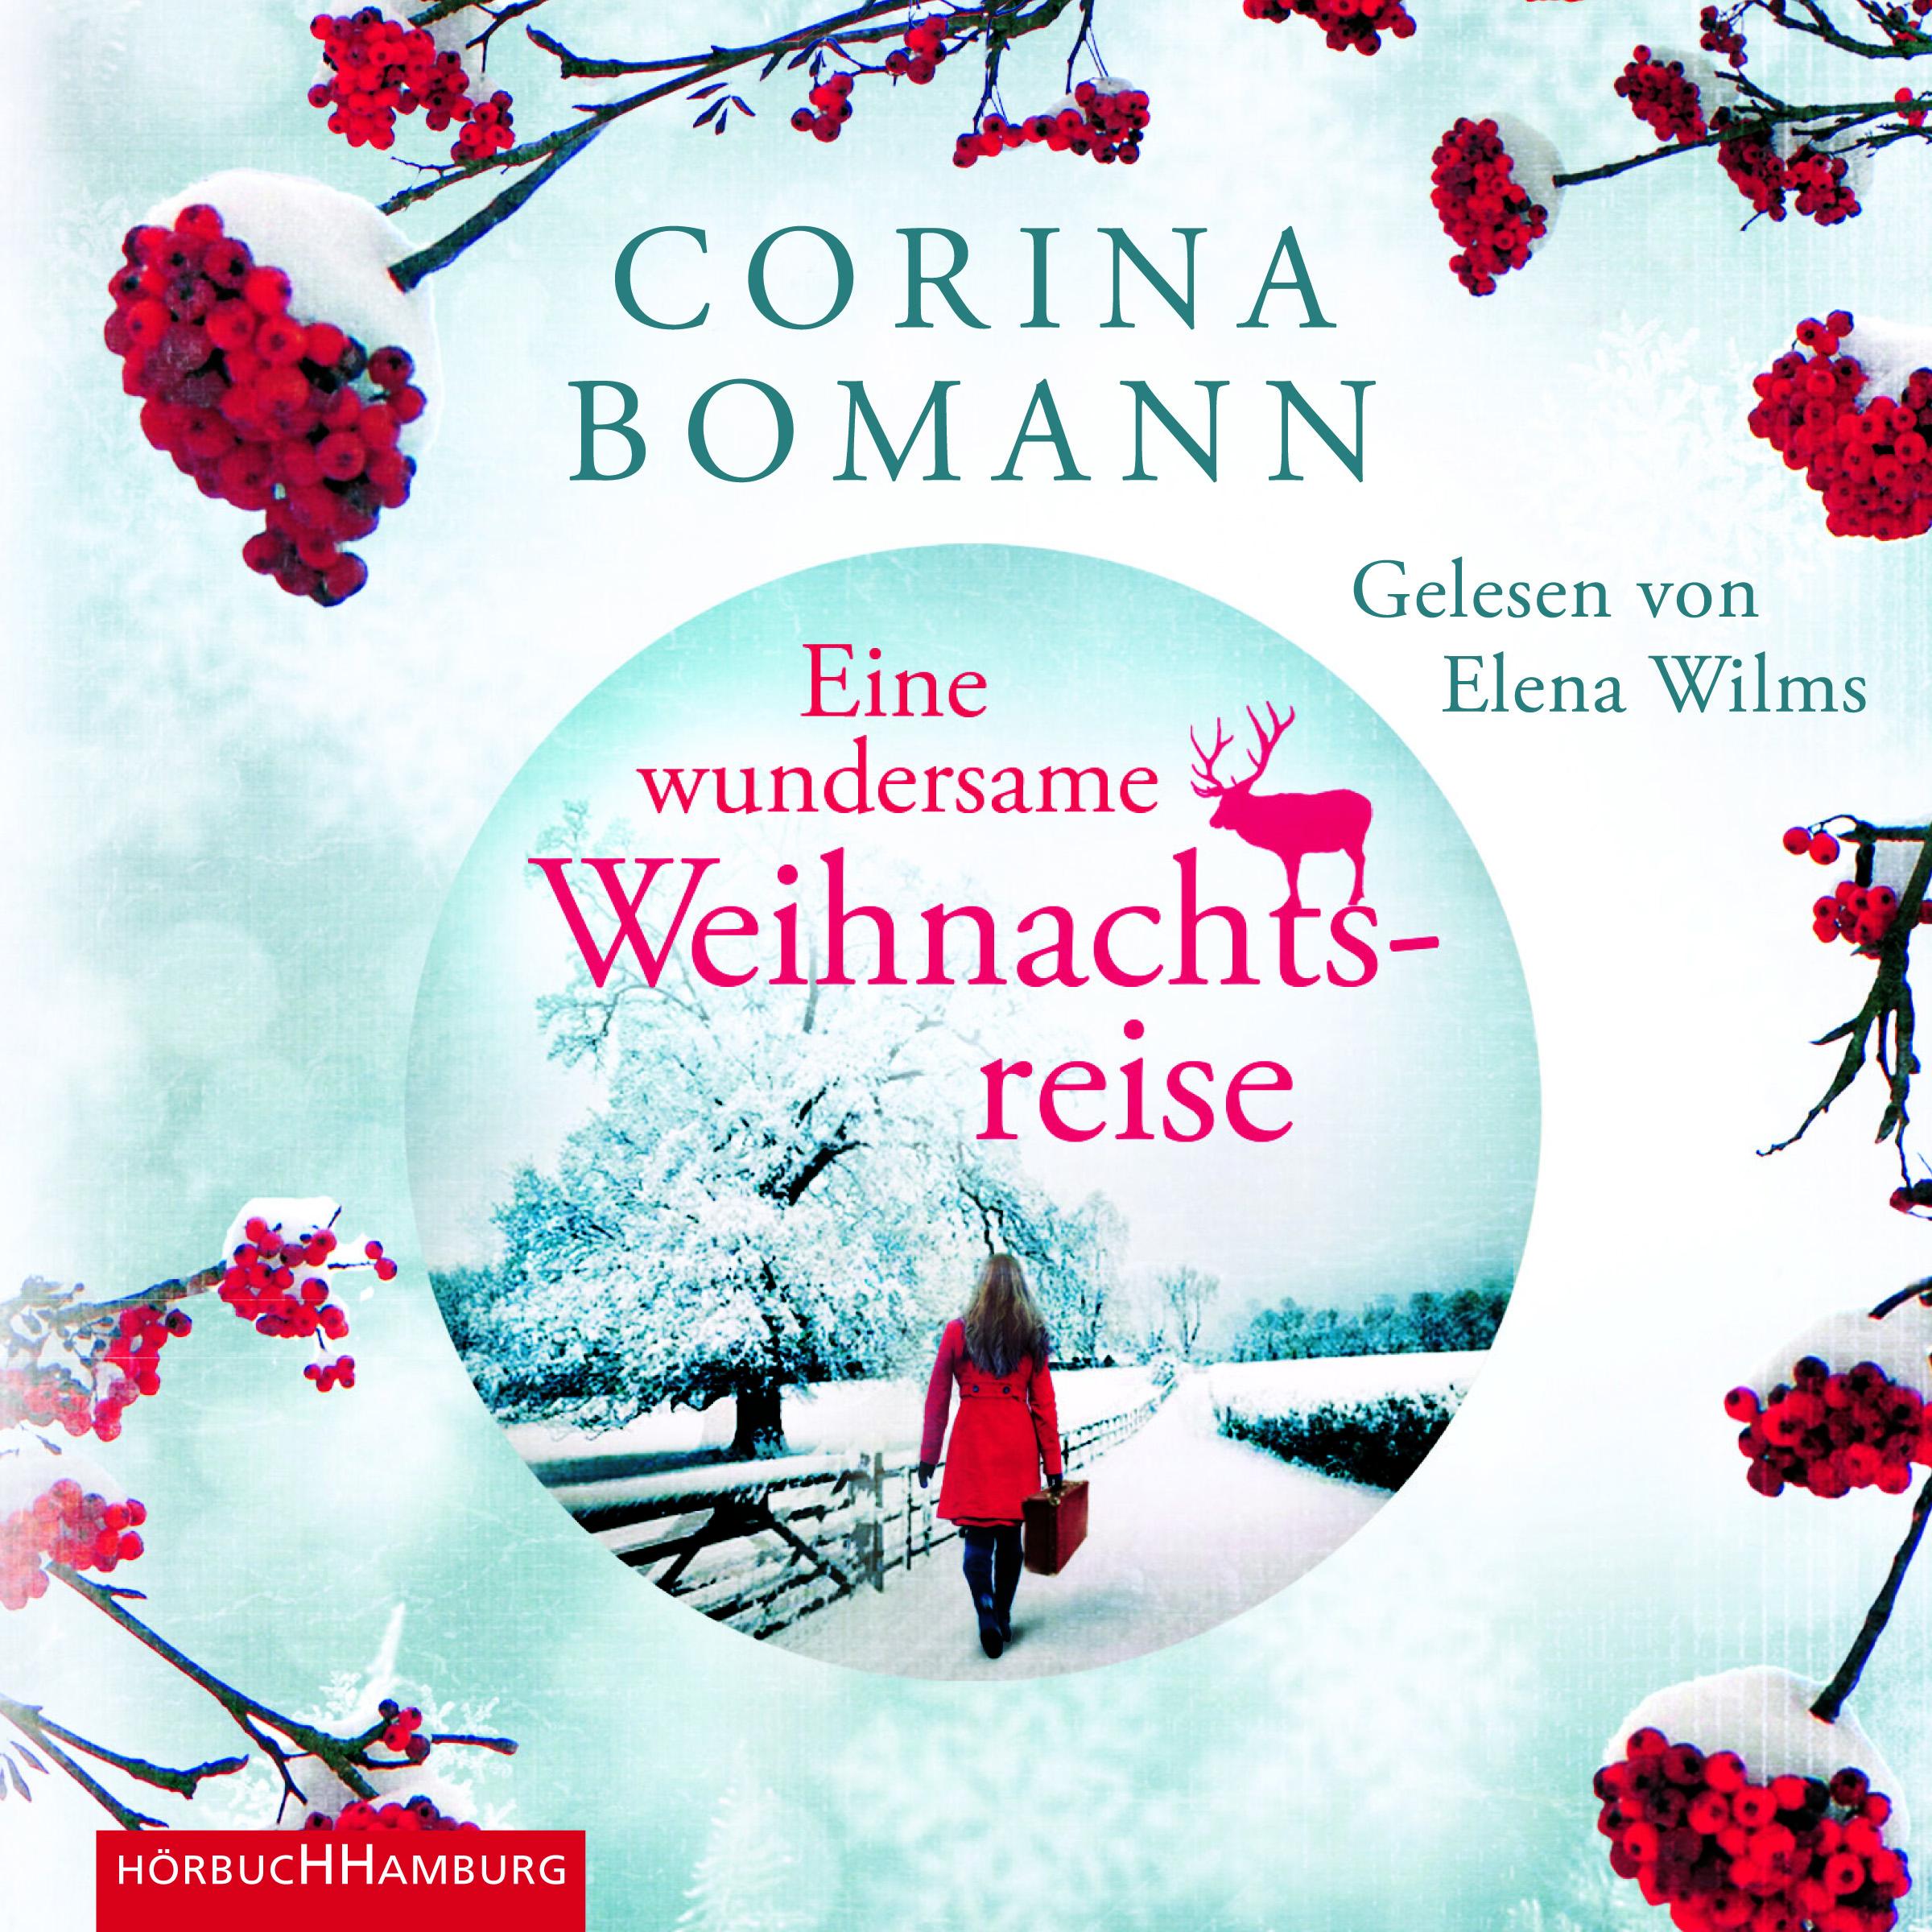 Cover für das Eine wundersame Weihnachtsreise Hörbuch